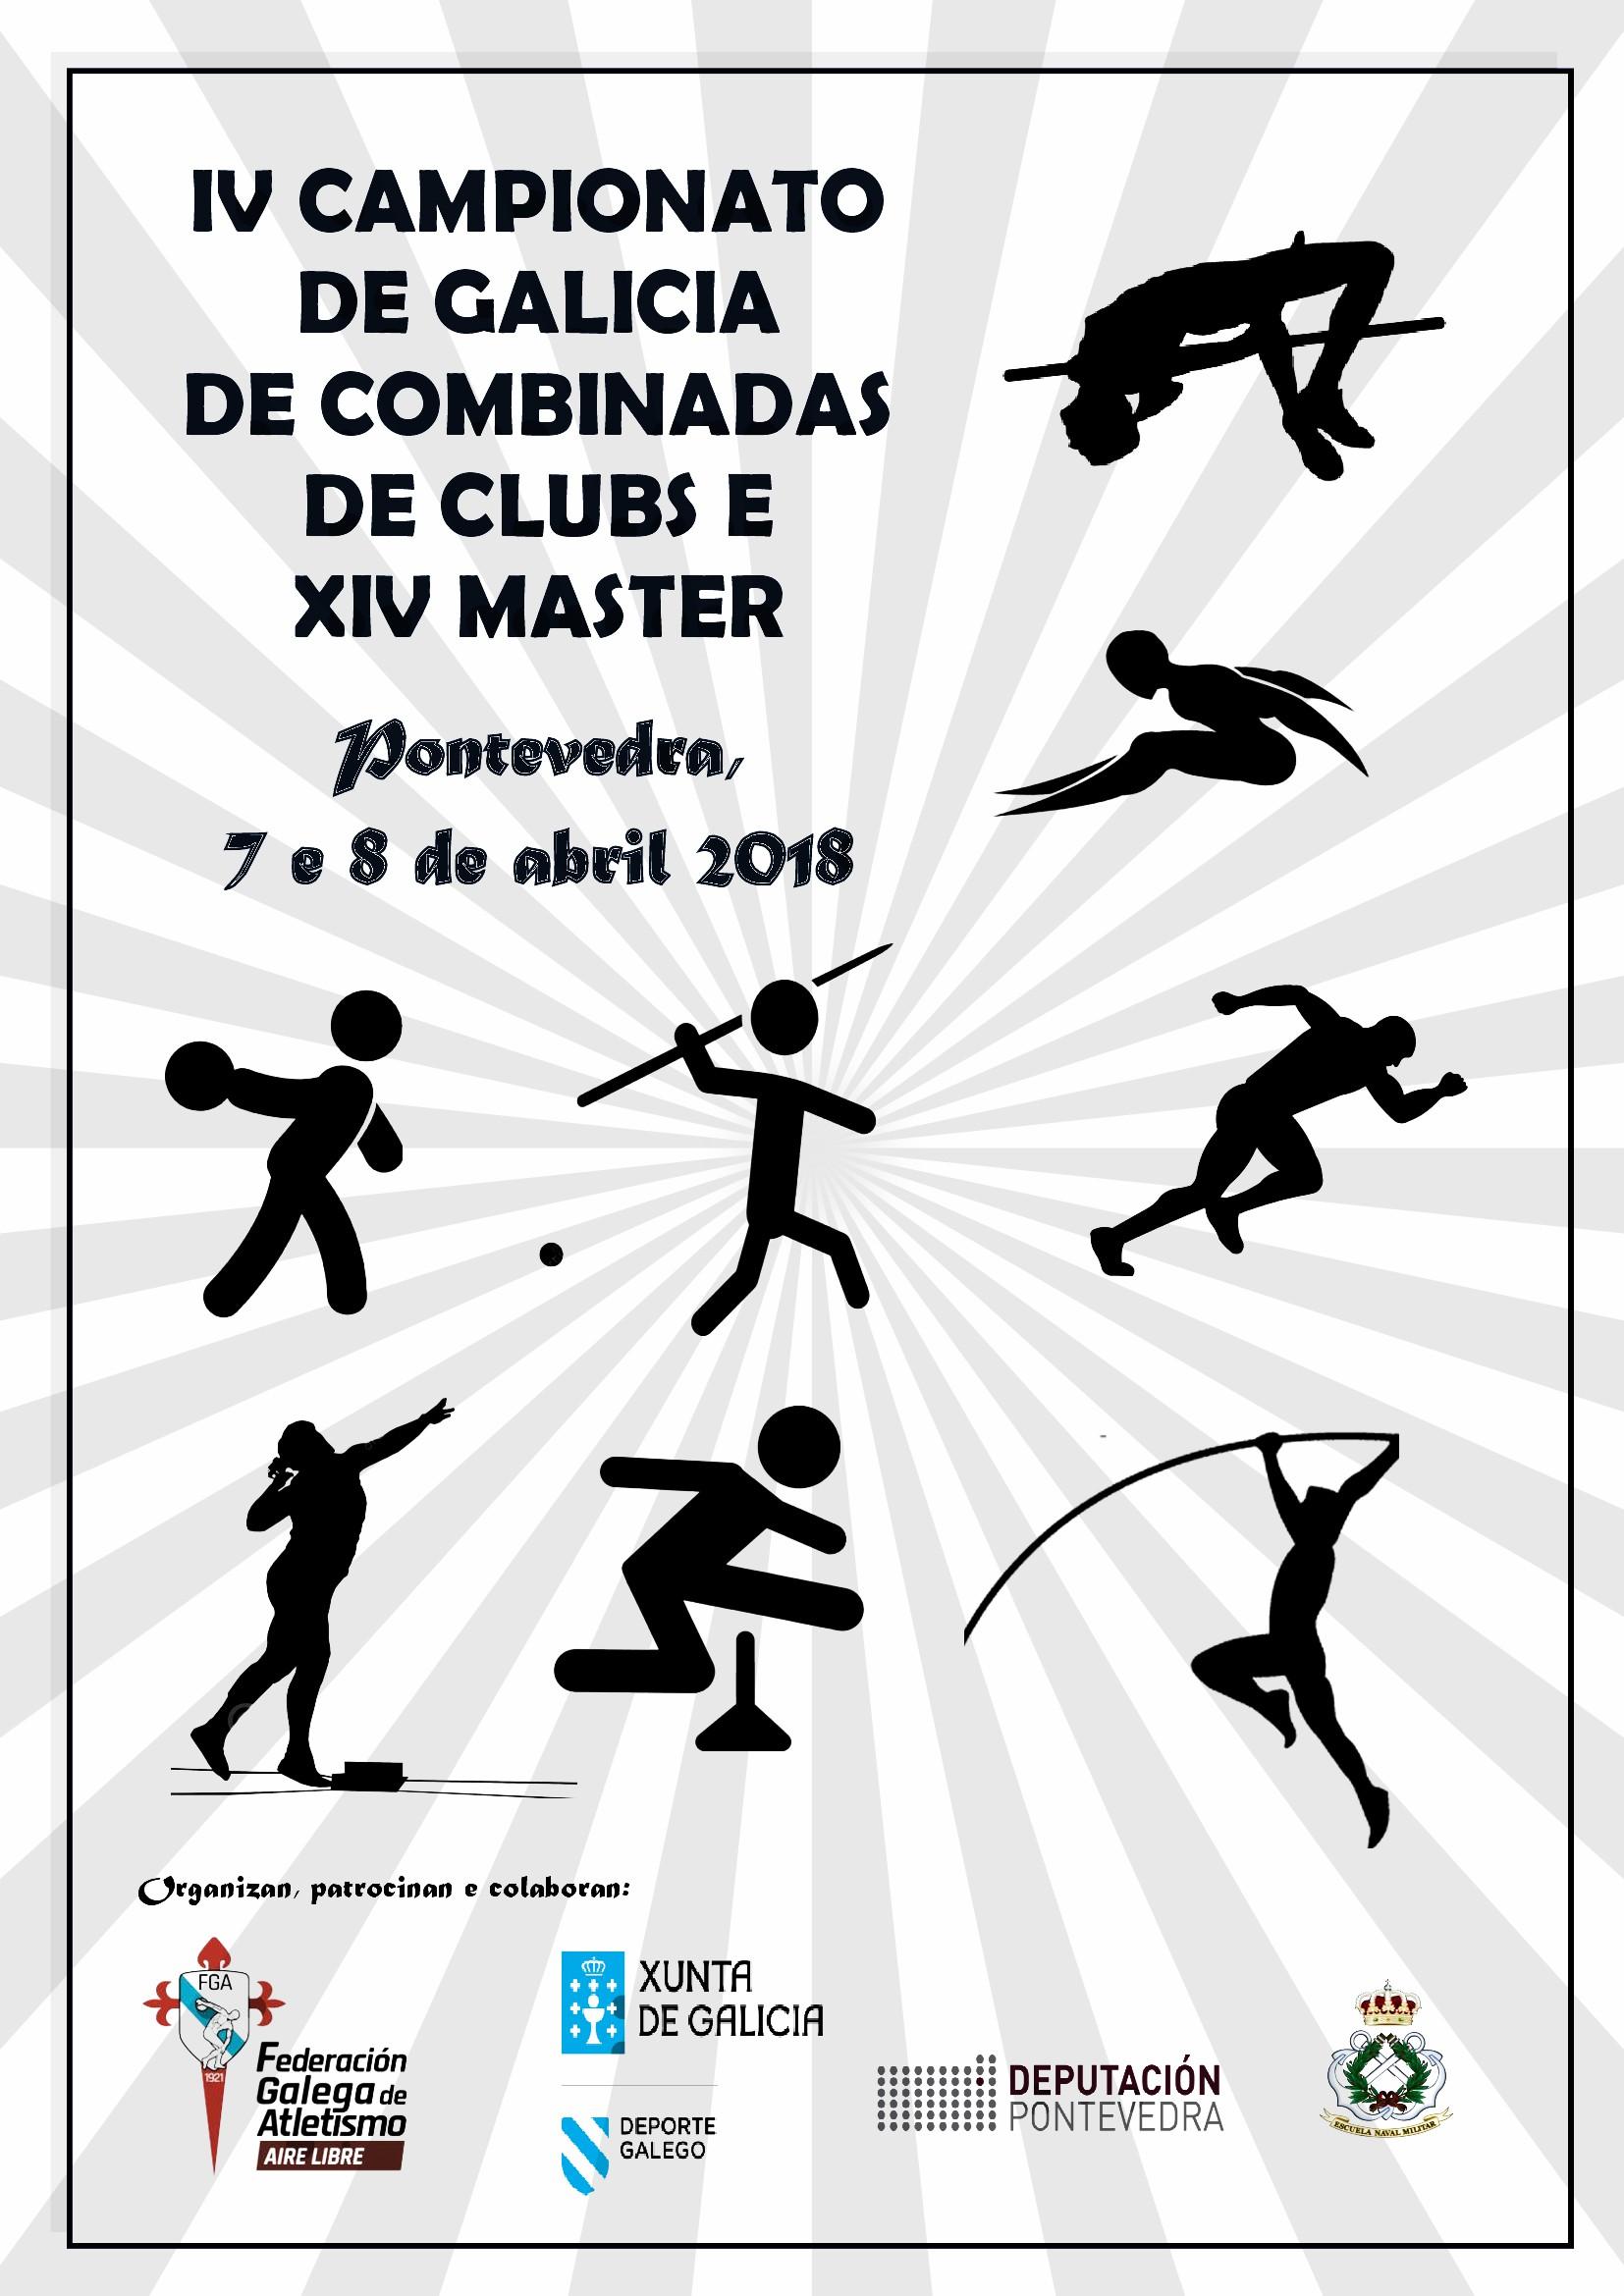 IV Campionato de Galicia de Clubs de Probas Combinadas – XIV Campionato de Galicia Máster de Probas Combinadas